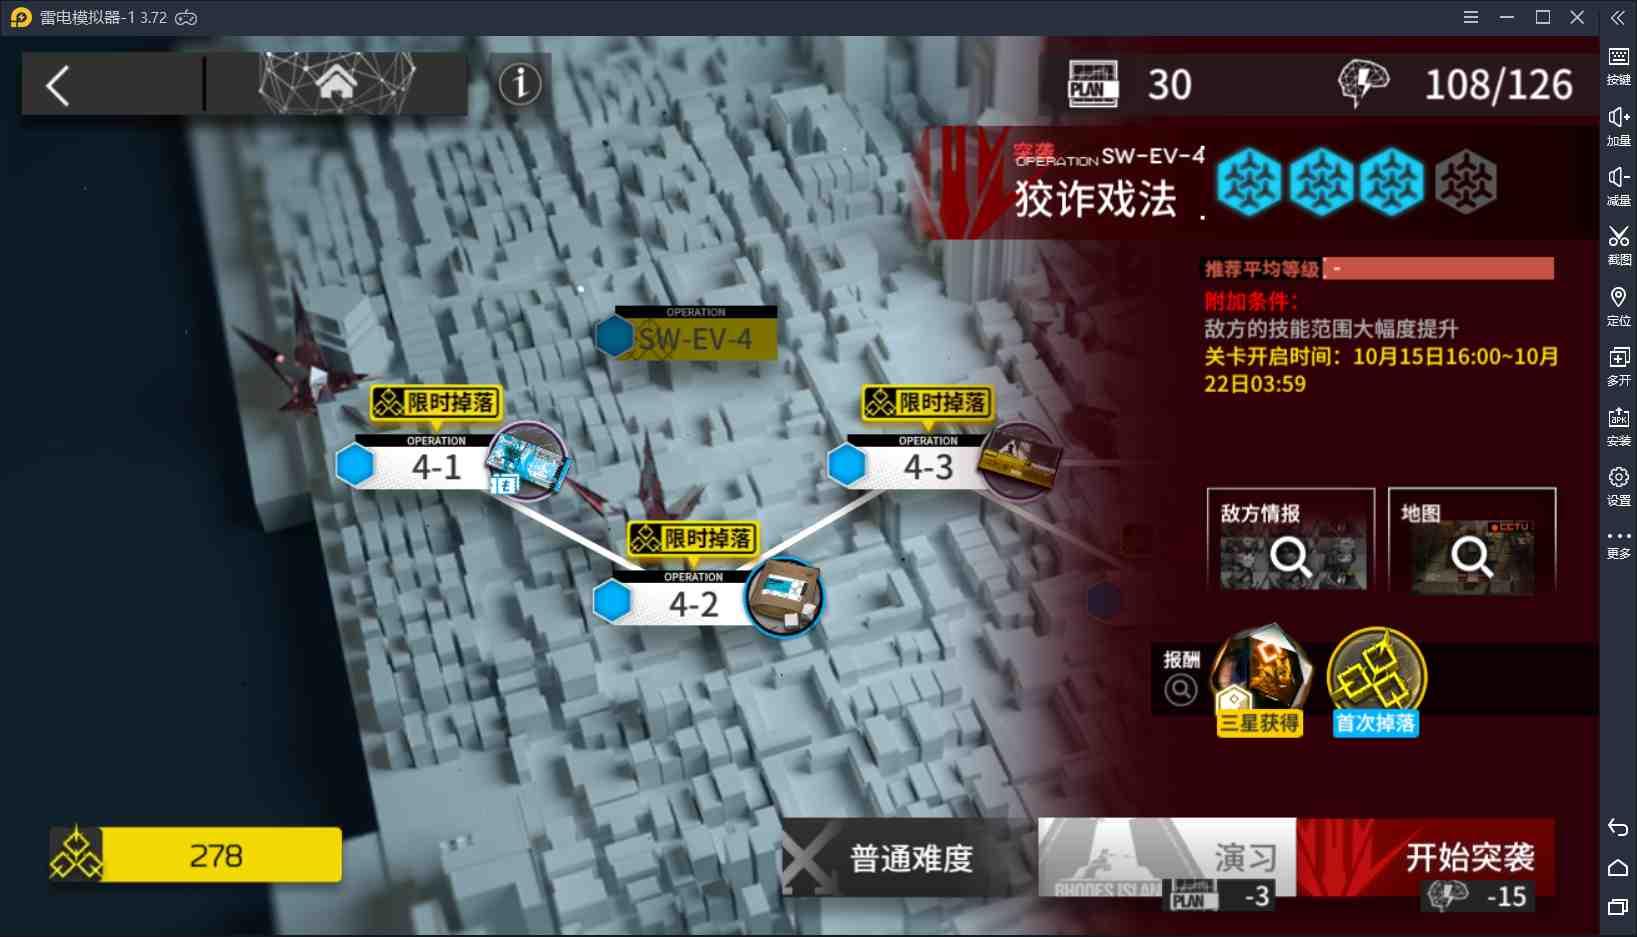 【明日方舟】戰地秘聞SW-EV-4普通&突襲模式通關攻略